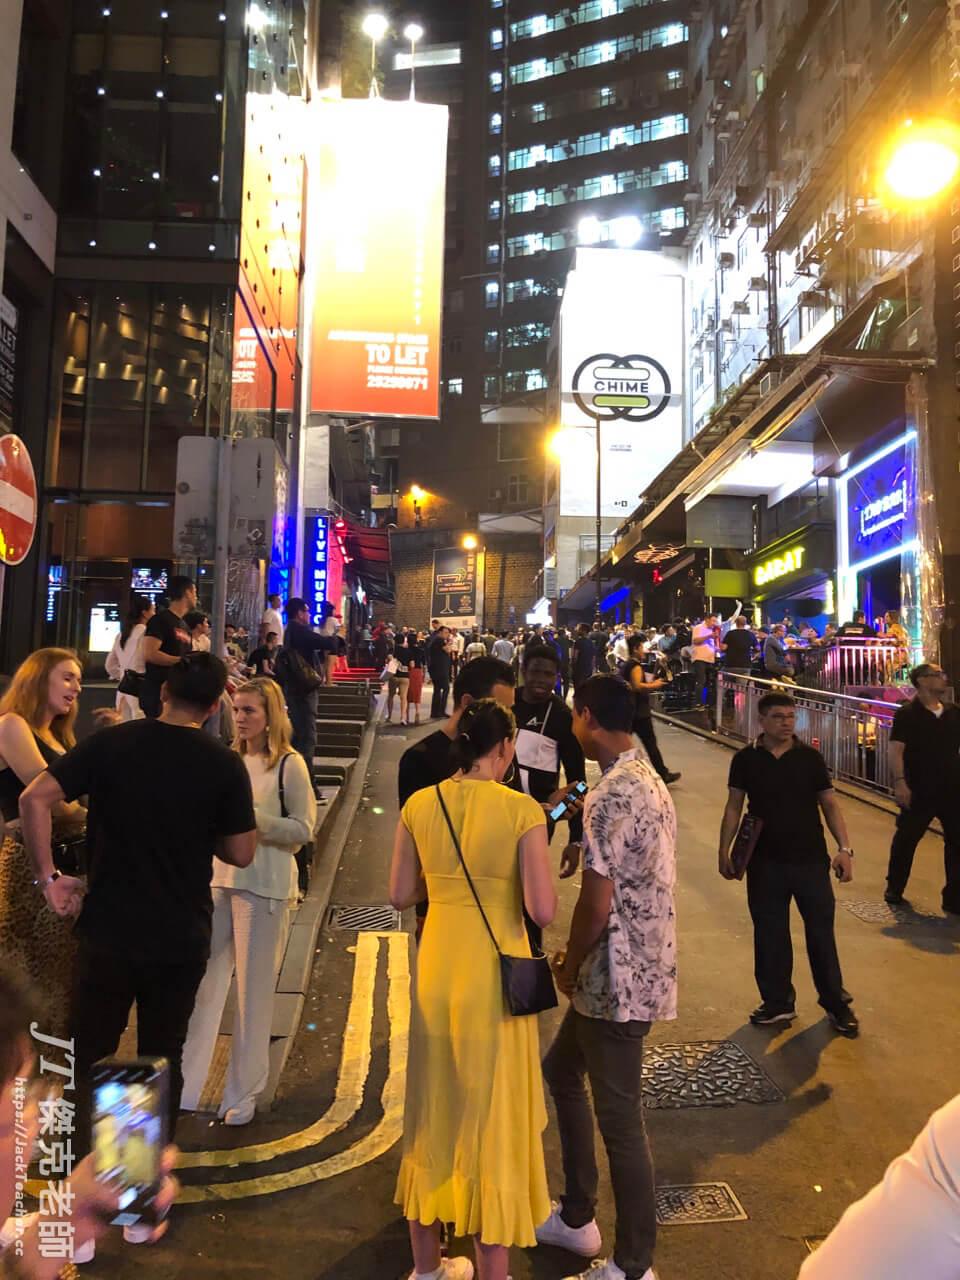 在星期天的晚上,整個蘭桂坊,人潮一樣非常多,裡面的人群彷拂是來渡假一樣,可以想見香港是一個外國人熱愛旅遊地區